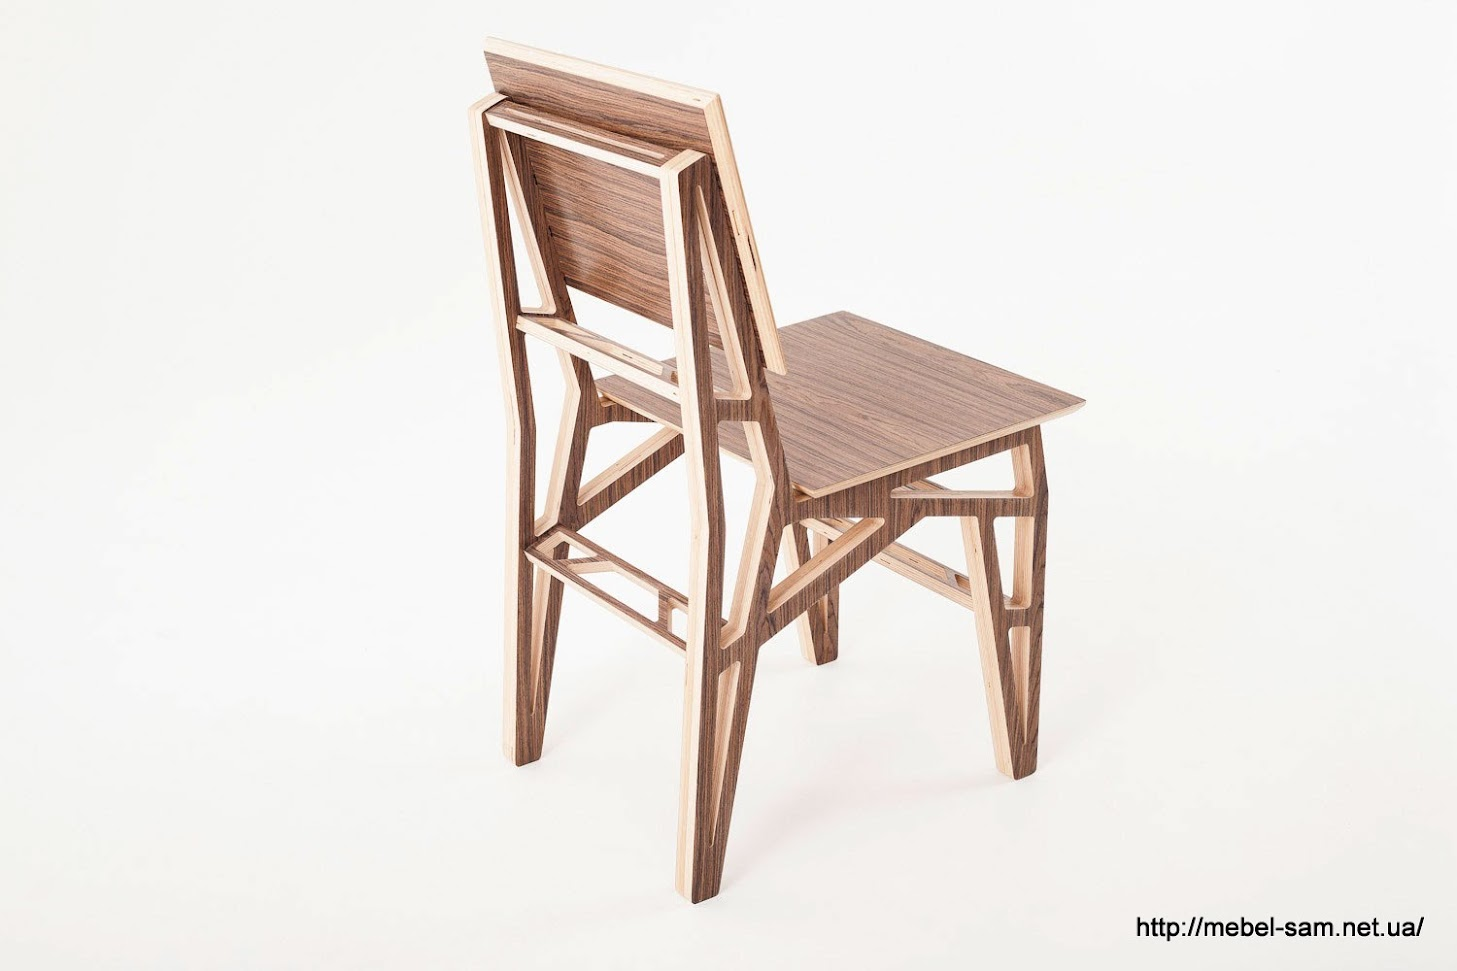 Почти все линии контура стула не параллельны